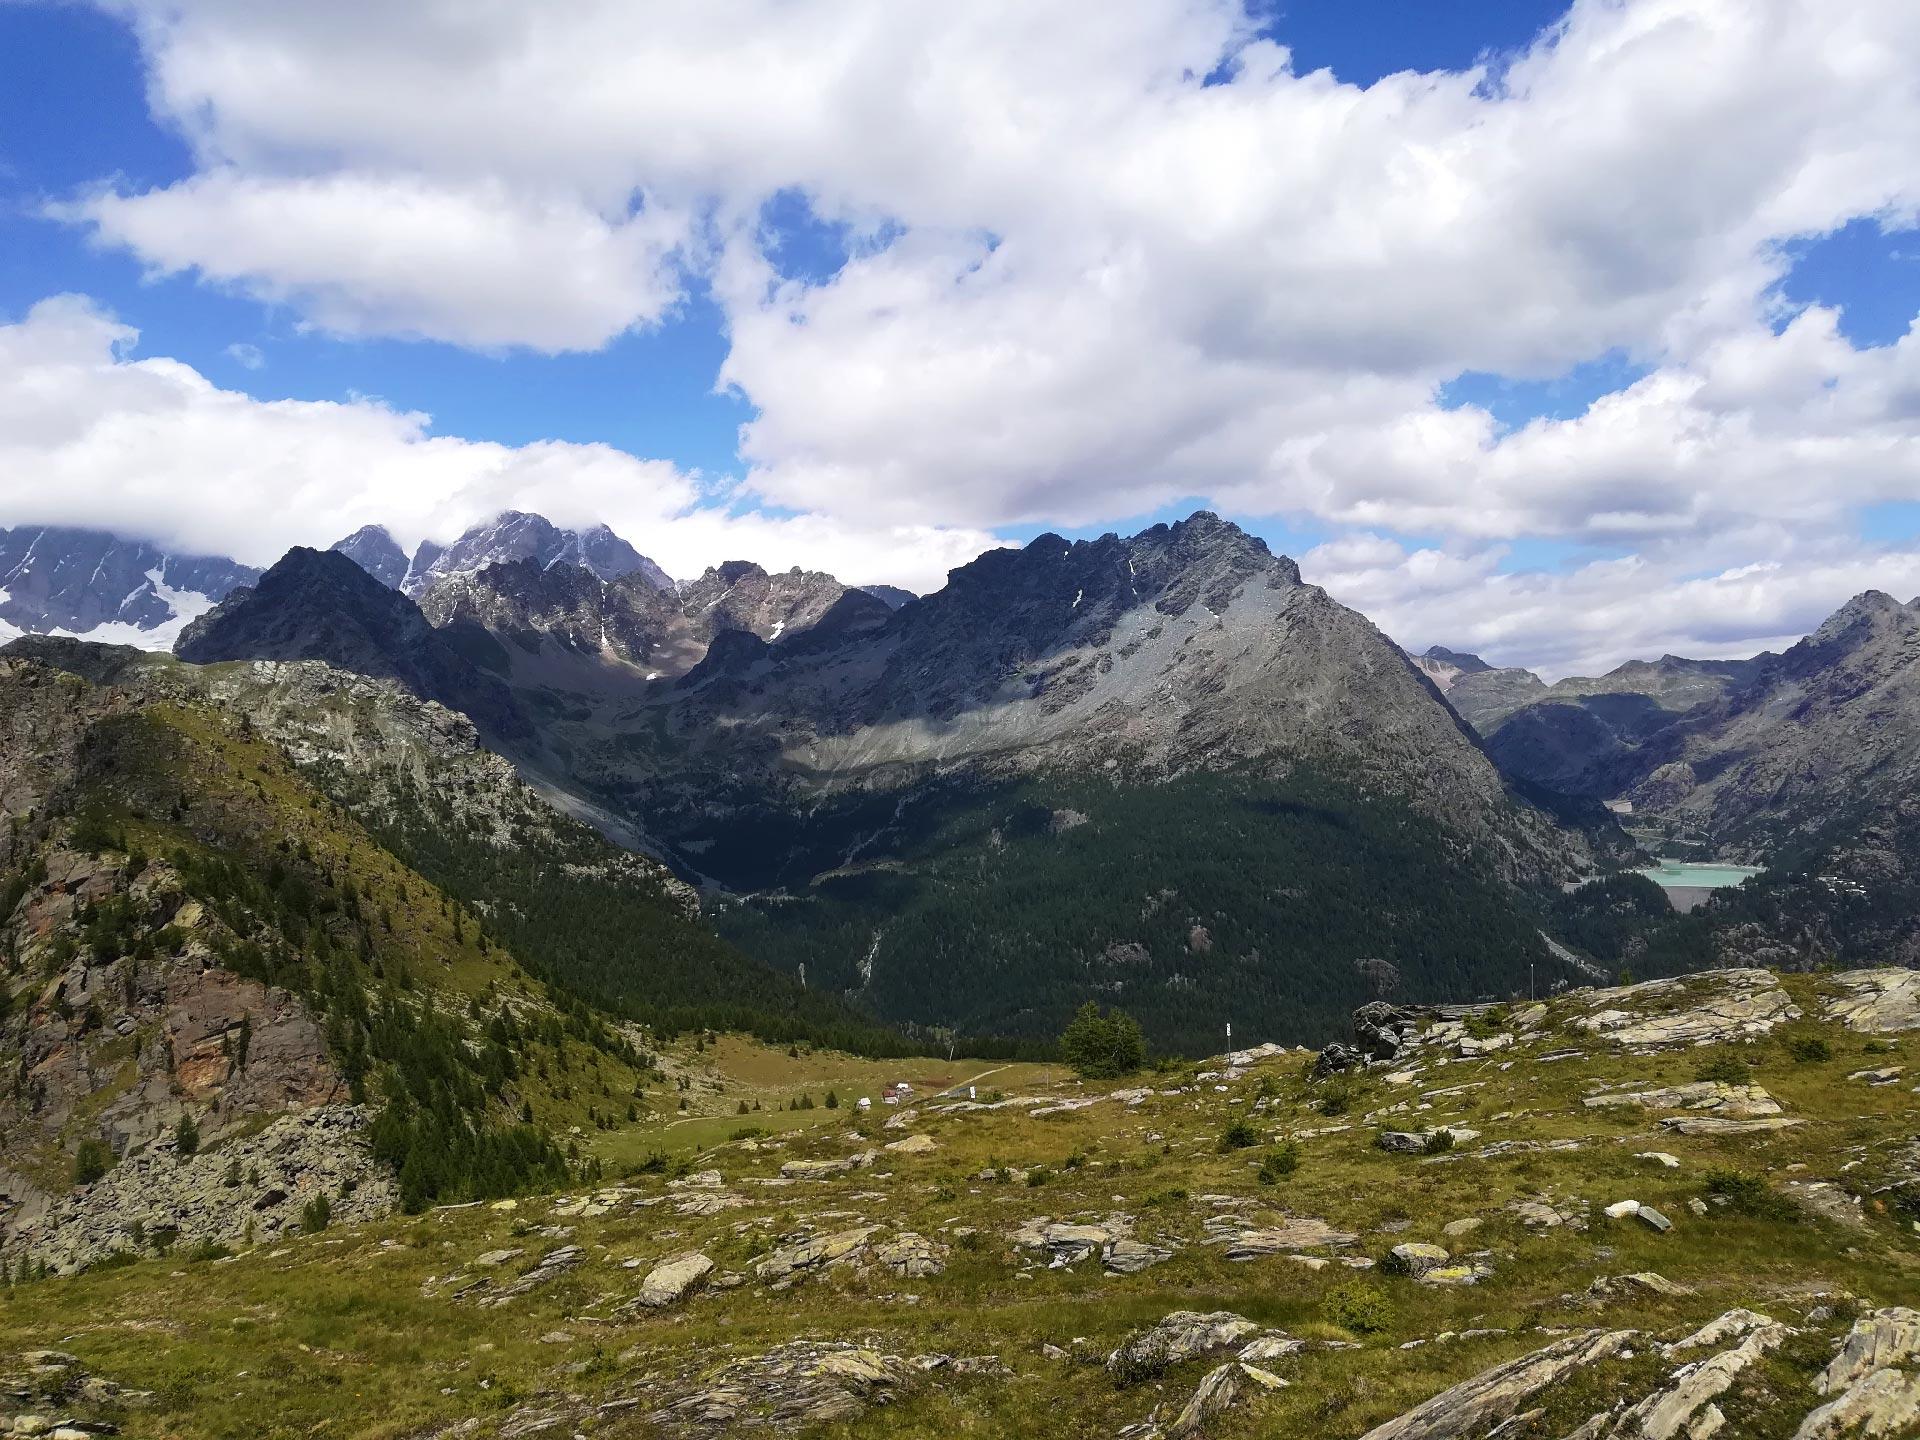 panorama da Monte Motta sulle cime circostanti, Valmalenco, Lombardia